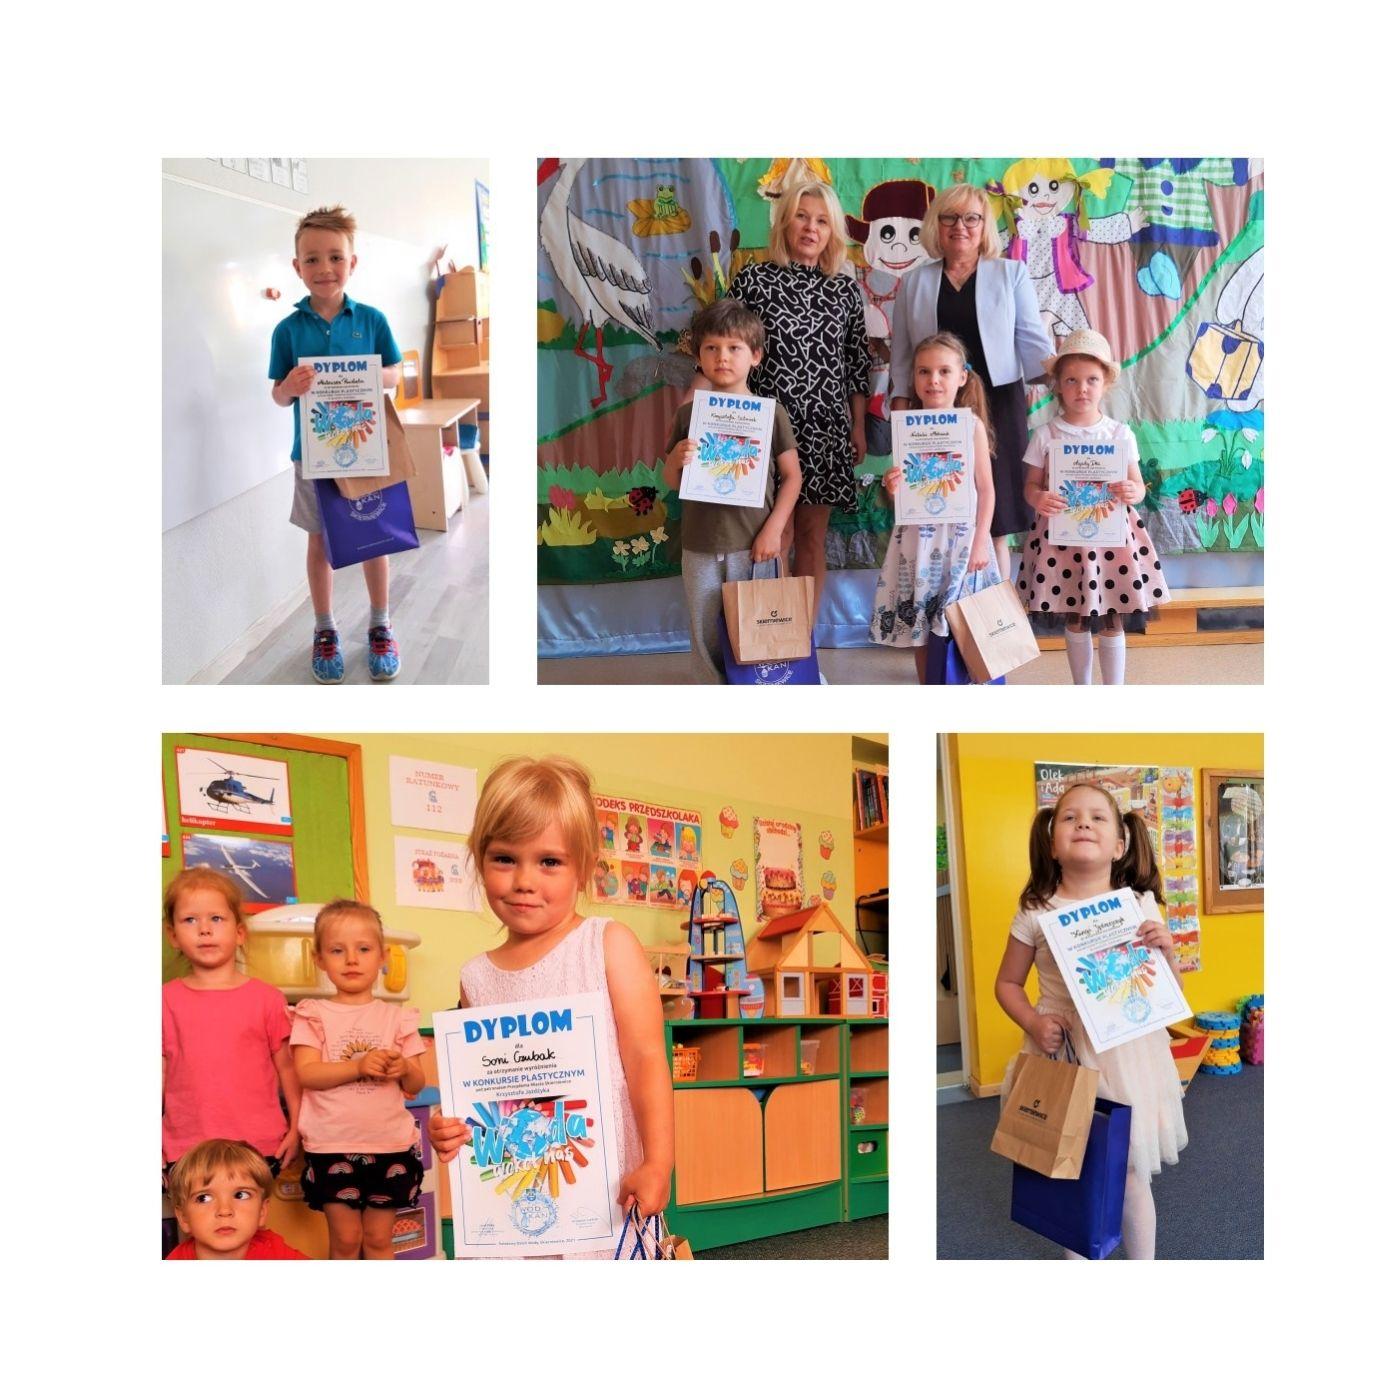 Na zdjęciach uczestnicy konkursu z dyplomami, na jednym stoi chłopiec w niebieskiej koszulce, na kolejnych dziewczynka i chłopiec z nauczycielami upominkami od WOD-KAN i dyplomami, na kolejnym Pani Dyrektor ds. Ekonomicznych Jolanta Gajda wręcza nagrodę osobie wyróżnionej